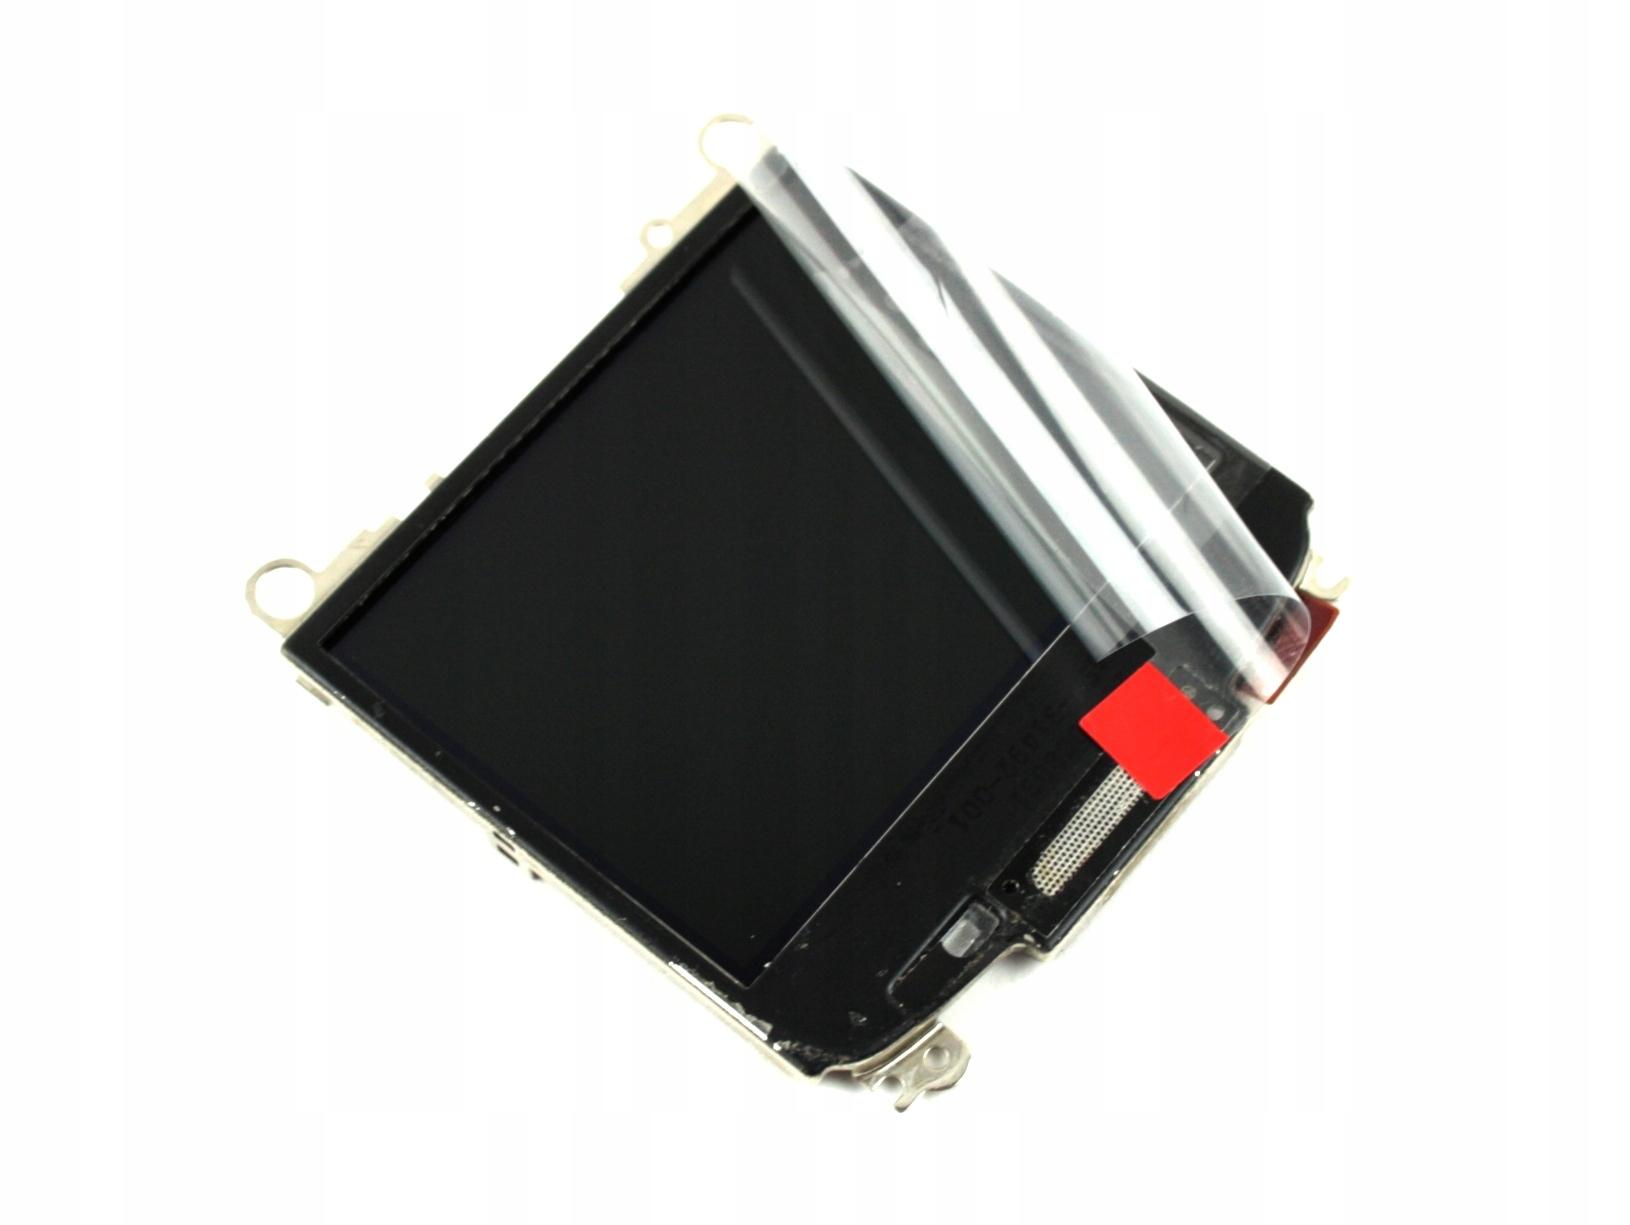 NOWY ORYGINALNY WYSWIETLACZ LCD BLACKBERRY 8520